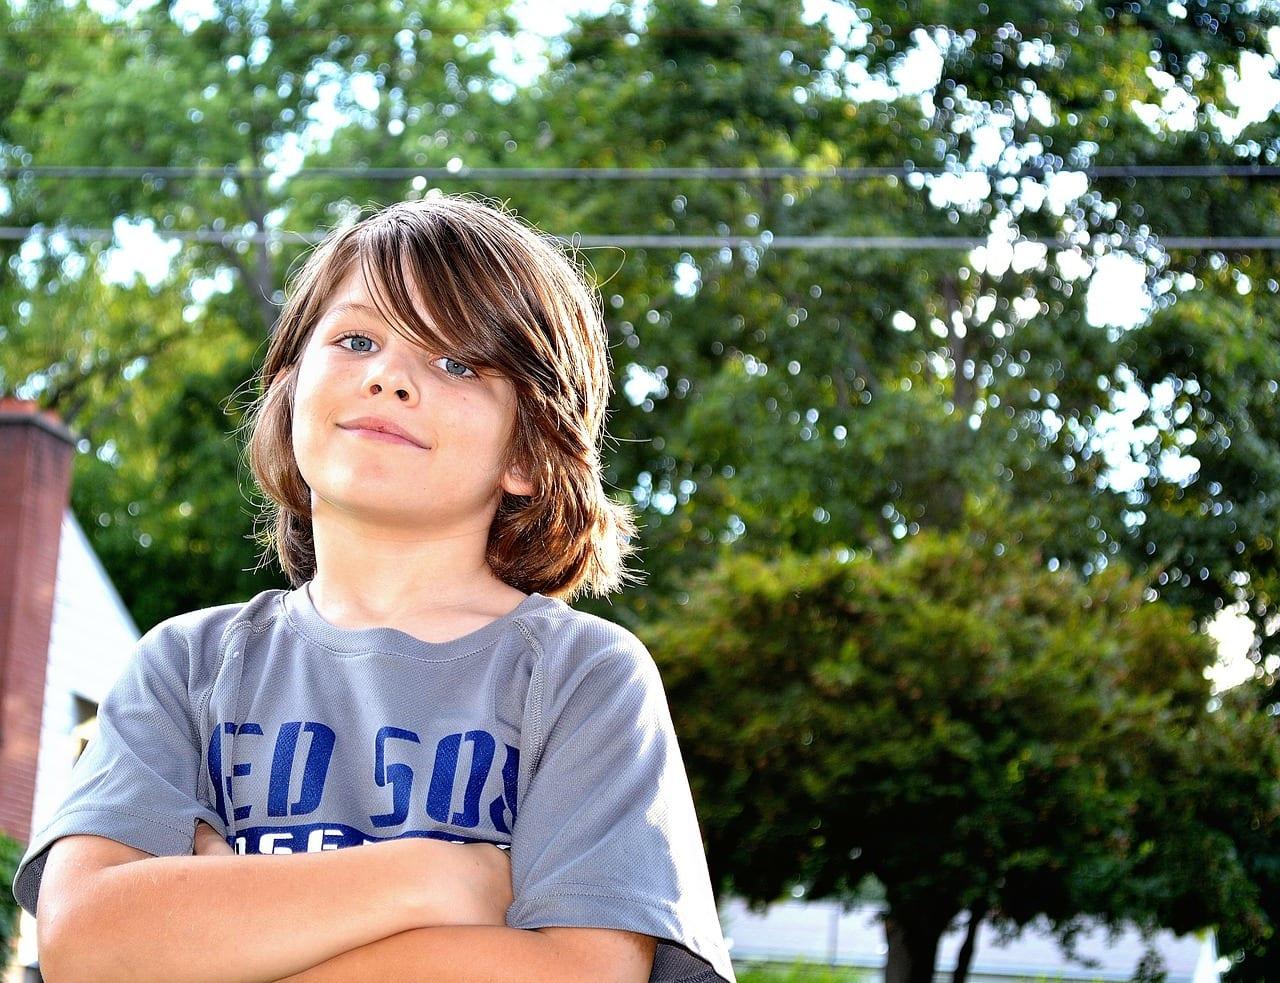 ¿Cómo saber si mi hijo tiene TDAH? - (SÍNTOMAS Y DIAGNÓSTICO) 2